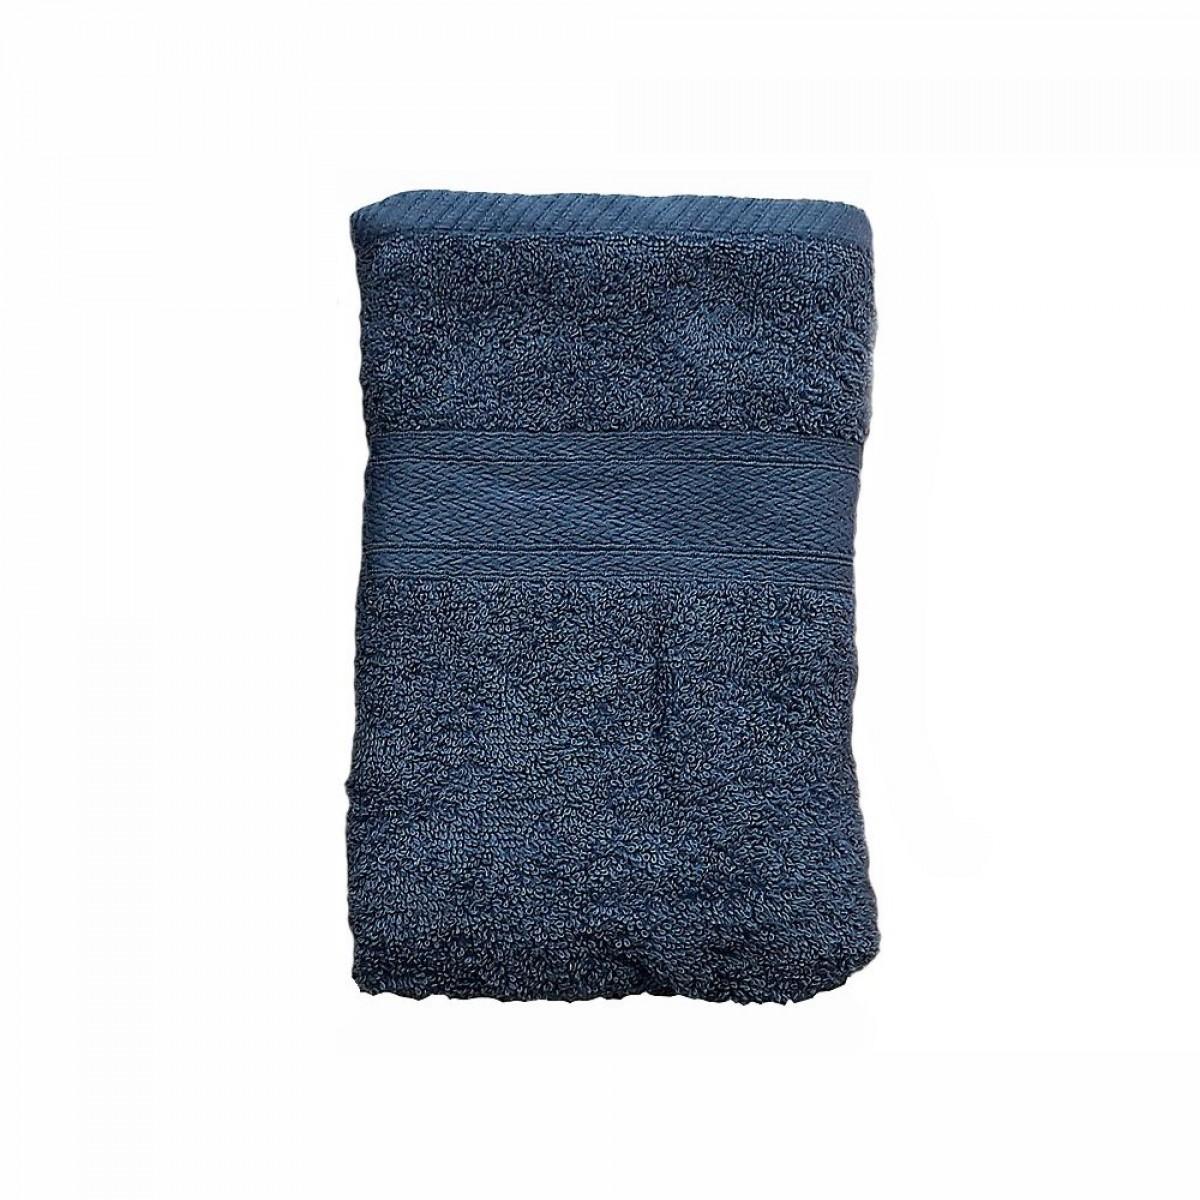 CONZEPT Håndklæde 70 x 140 cm blå